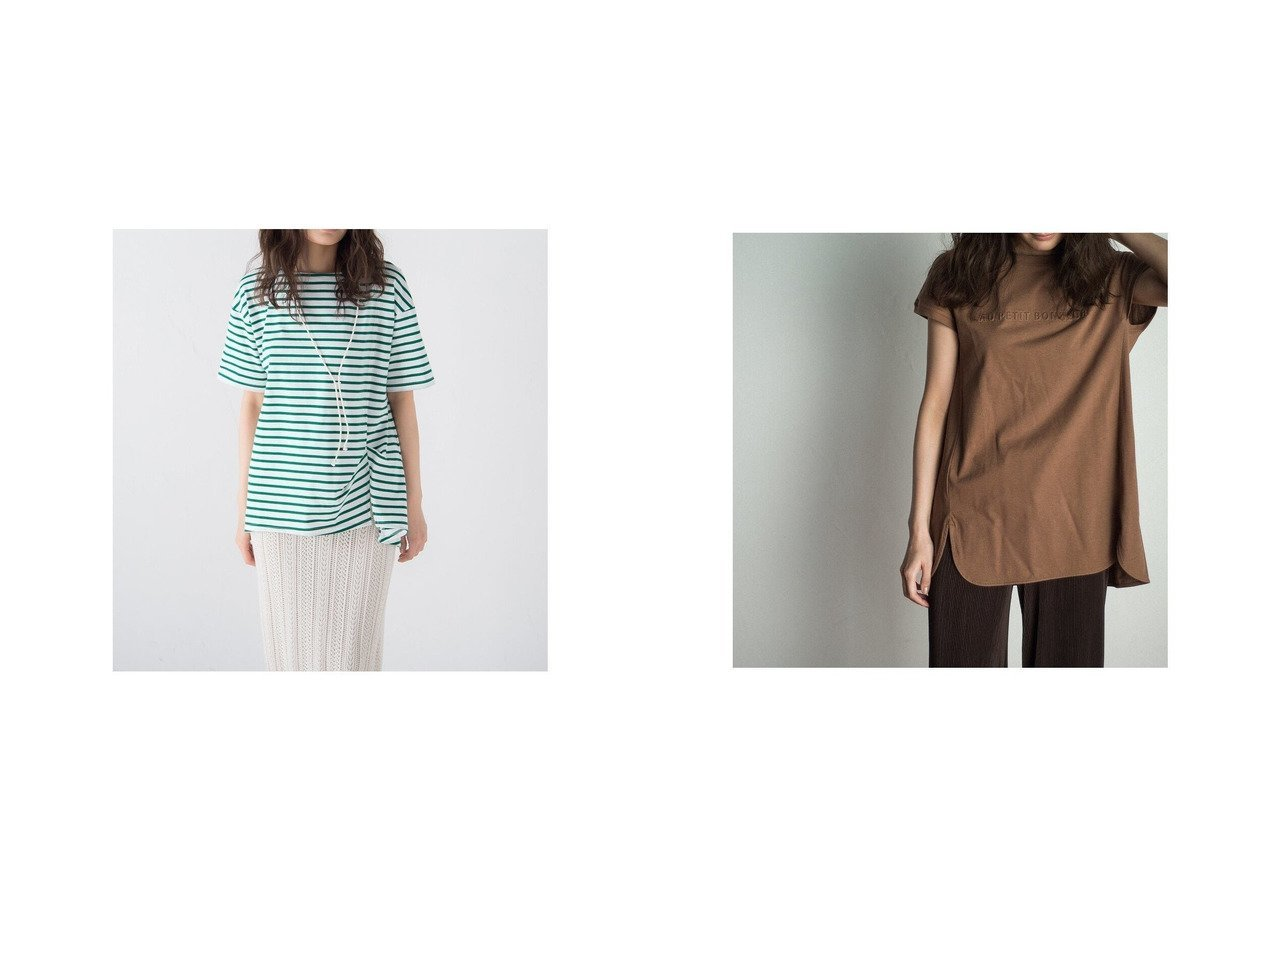 【MAYSON GREY/メイソングレイ】のシルケットボーダーTシャツ&エンボス加工Tシャツ おすすめ!人気、トレンド・レディースファッションの通販 おすすめで人気の流行・トレンド、ファッションの通販商品 インテリア・家具・メンズファッション・キッズファッション・レディースファッション・服の通販 founy(ファニー) https://founy.com/ ファッション Fashion レディースファッション WOMEN トップス・カットソー Tops/Tshirt シャツ/ブラウス Shirts/Blouses ロング / Tシャツ T-Shirts 2021年 2021 2021春夏・S/S SS/Spring/Summer/2021 S/S・春夏 SS・Spring/Summer 夏 Summer 春 Spring  ID:crp329100000055378